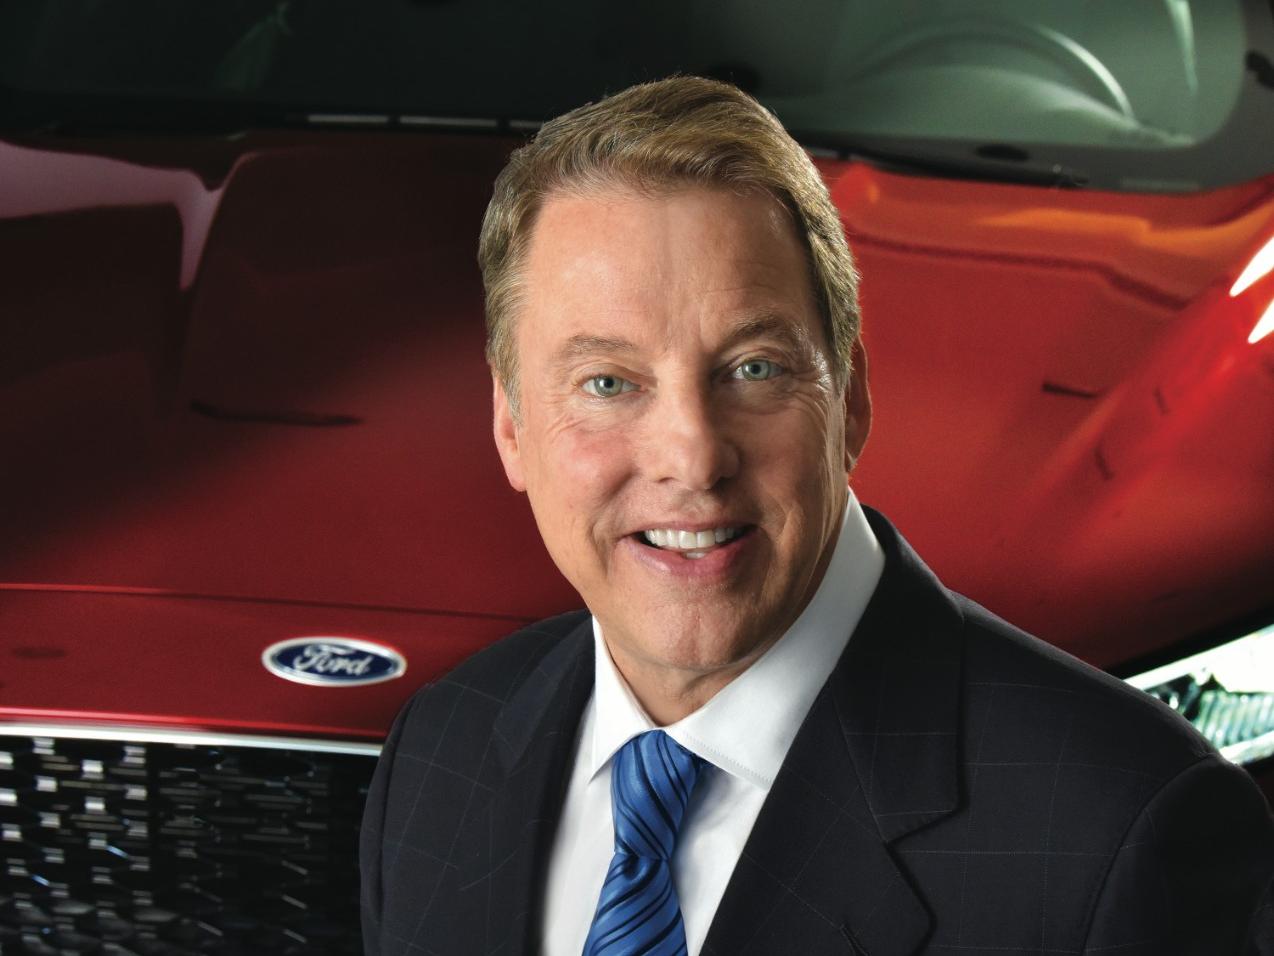 Билл Форд признал возмущение акционеров на месте экс-генерального директора Марк Филдс